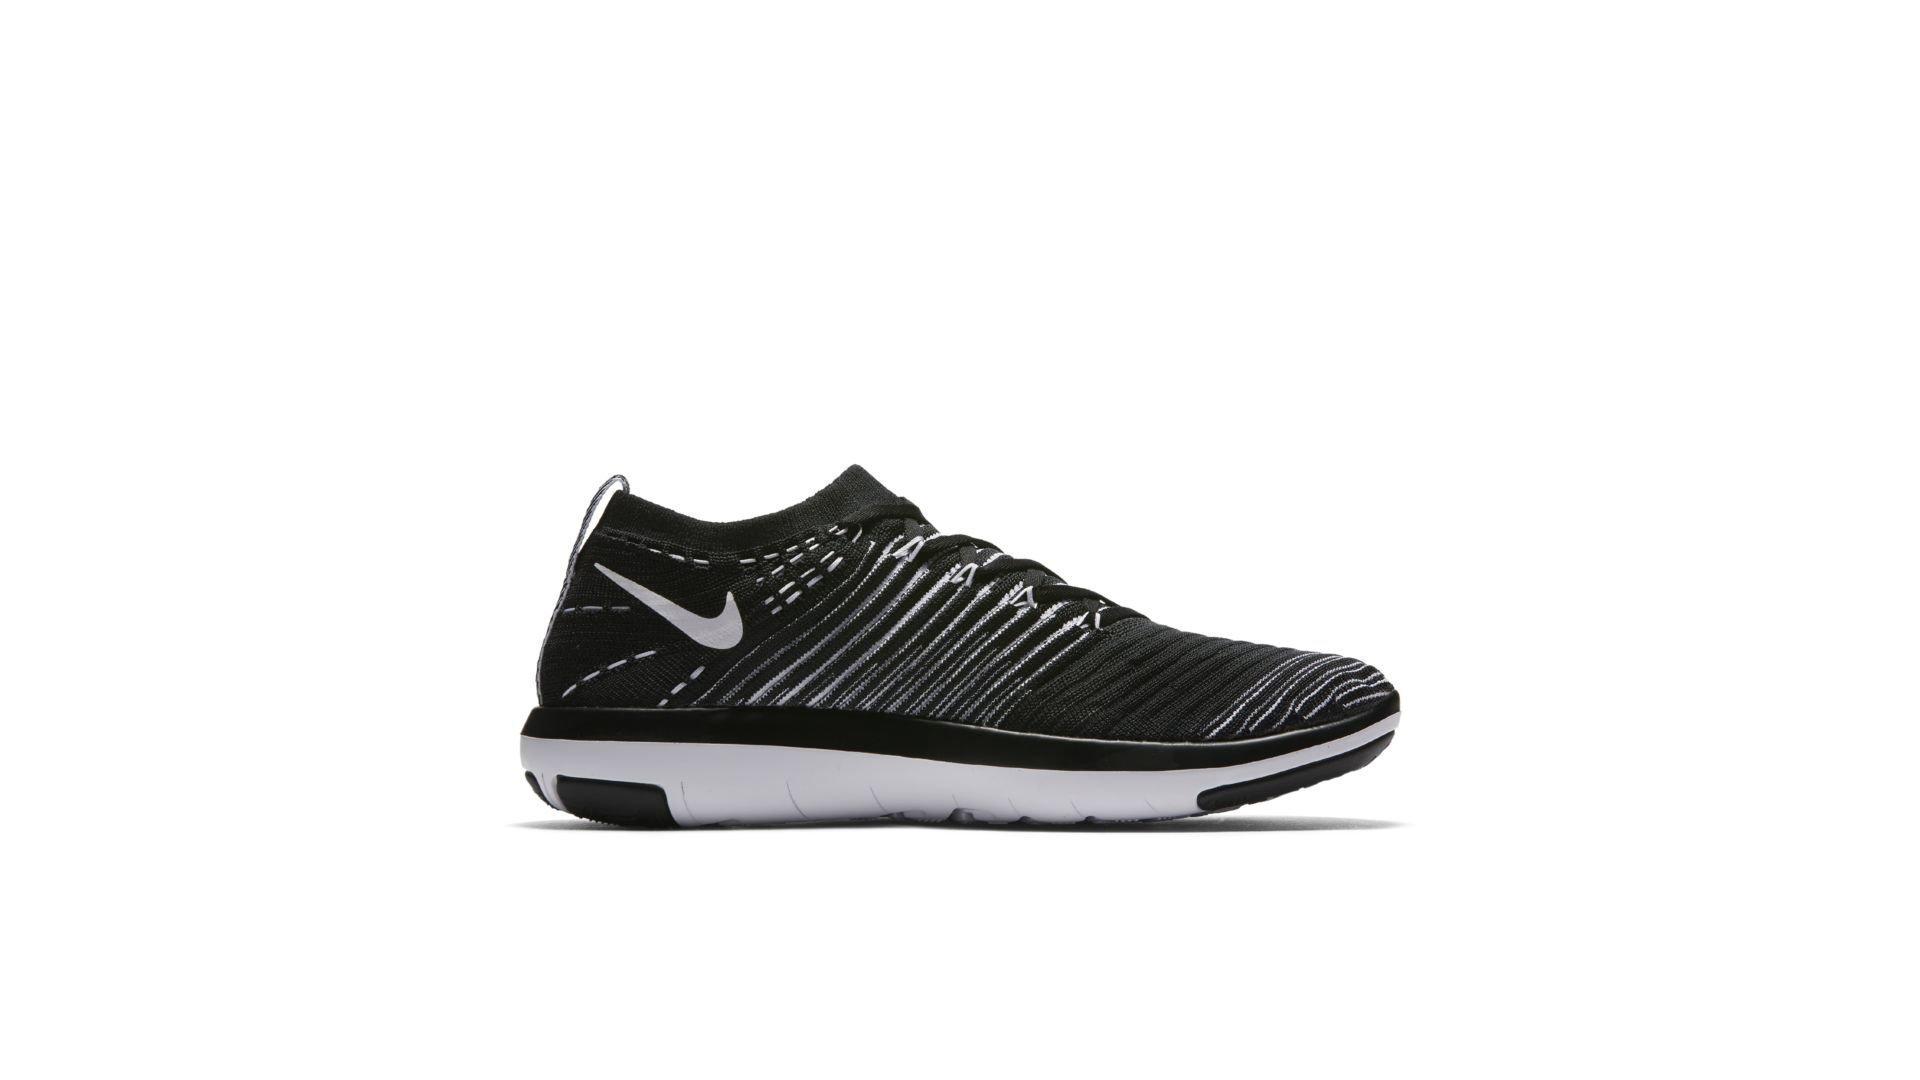 Nike Free Transform Flyknit Black White (W) (833410-010)